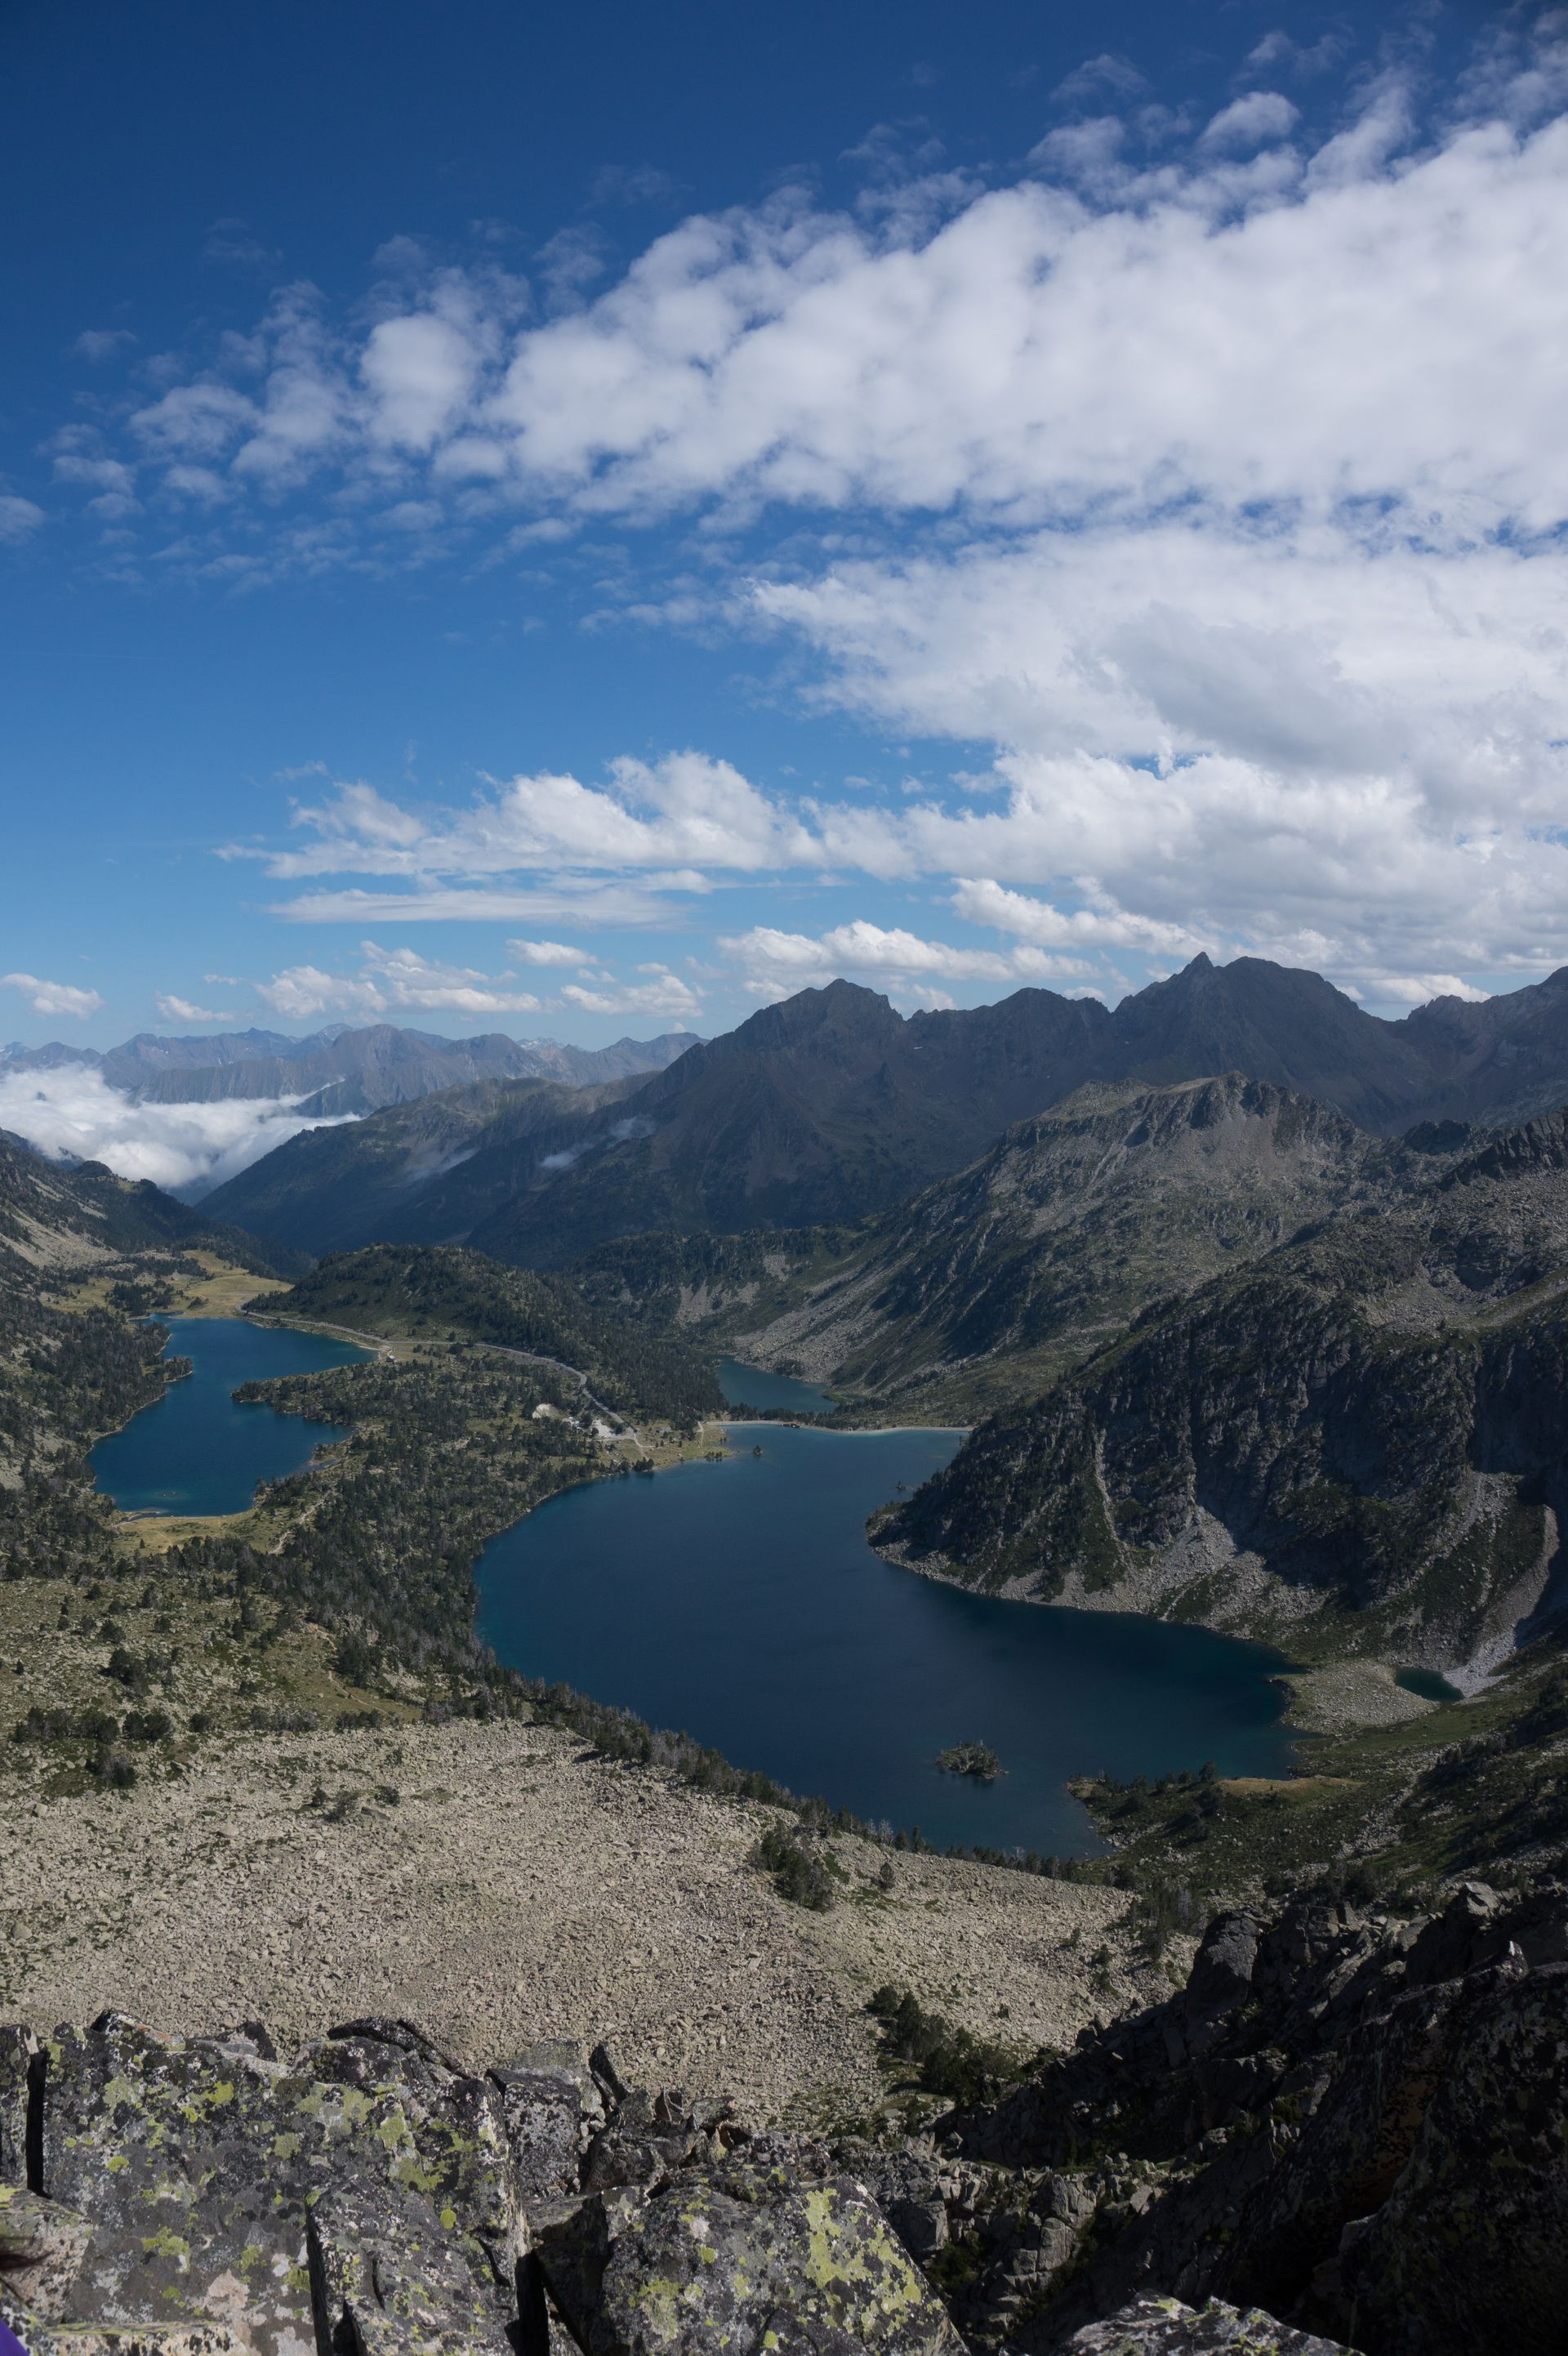 Lacs de Néouvielle desde la Hourquette d'Aubert